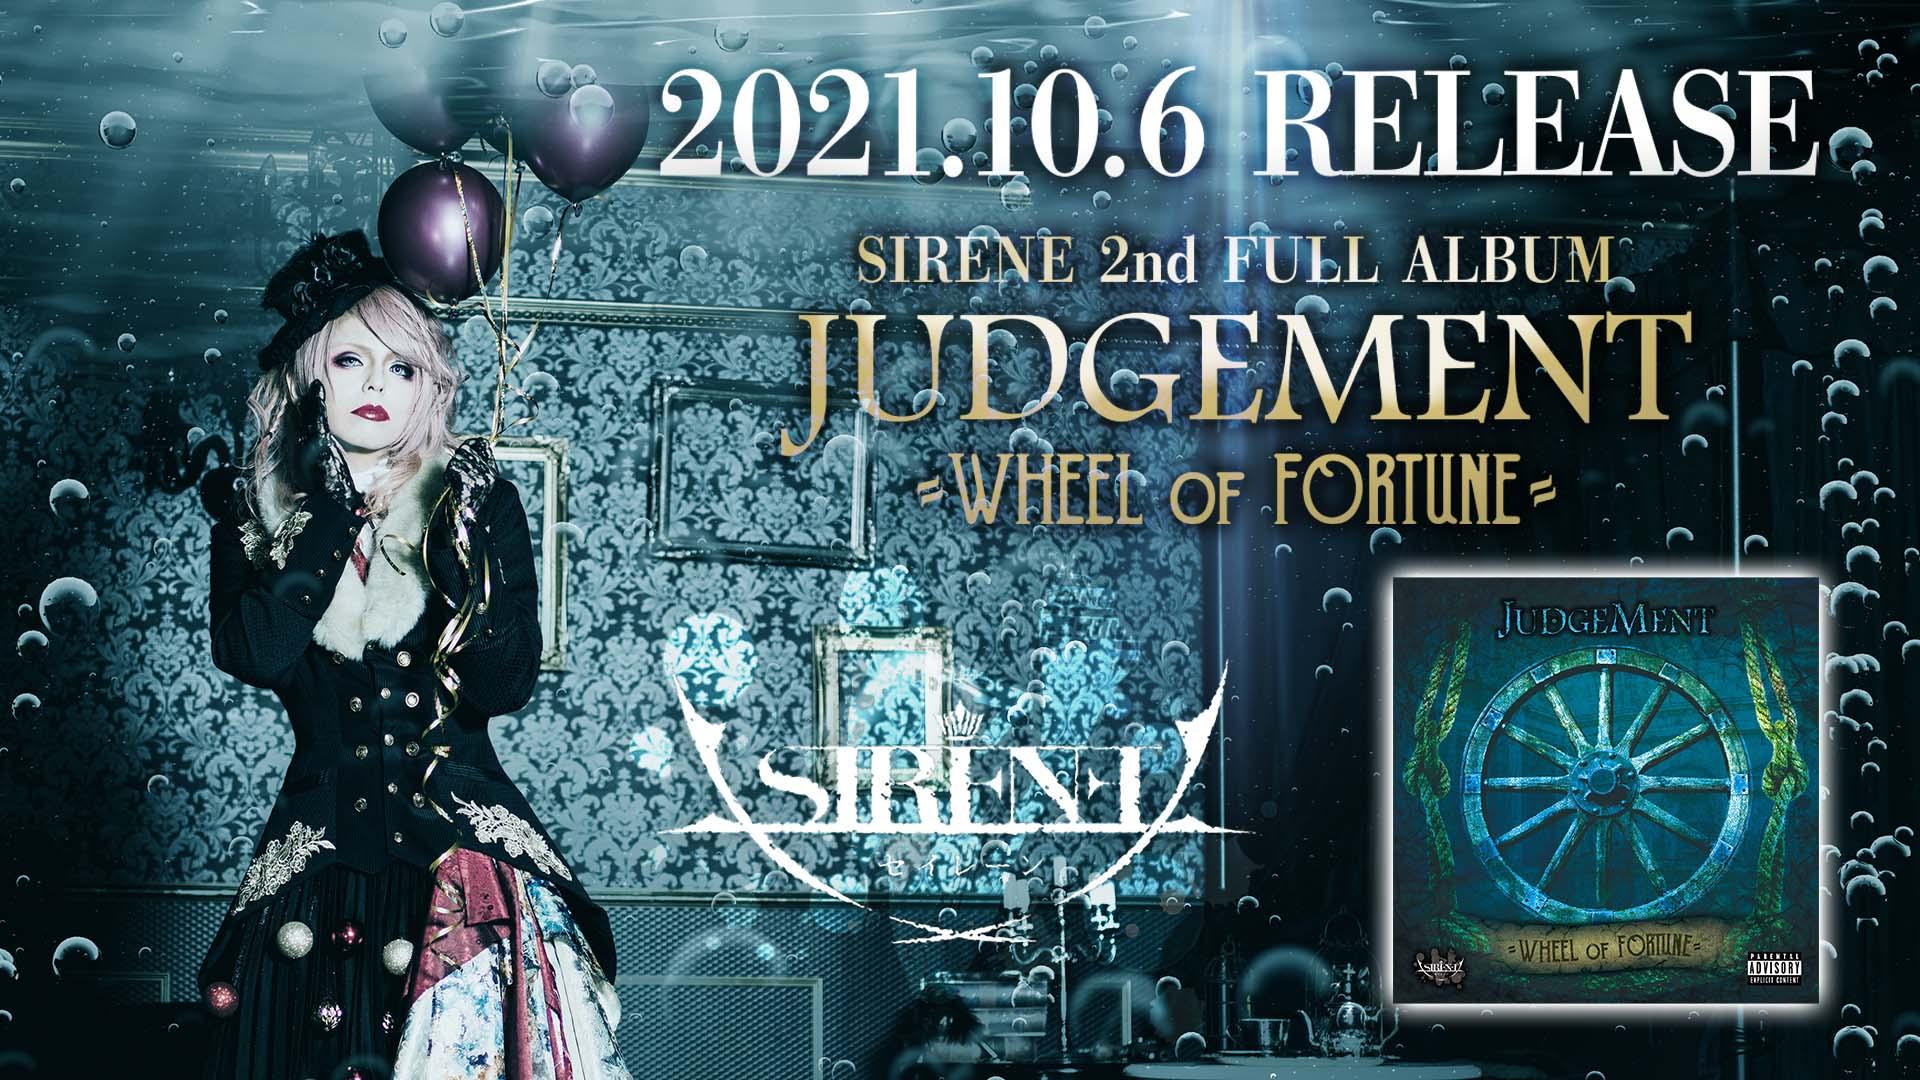 SIRENE 2nd Full ALBUM「JUDGEMENT~WHEEL of FORTUNE~」2021.10.06全国リリース!